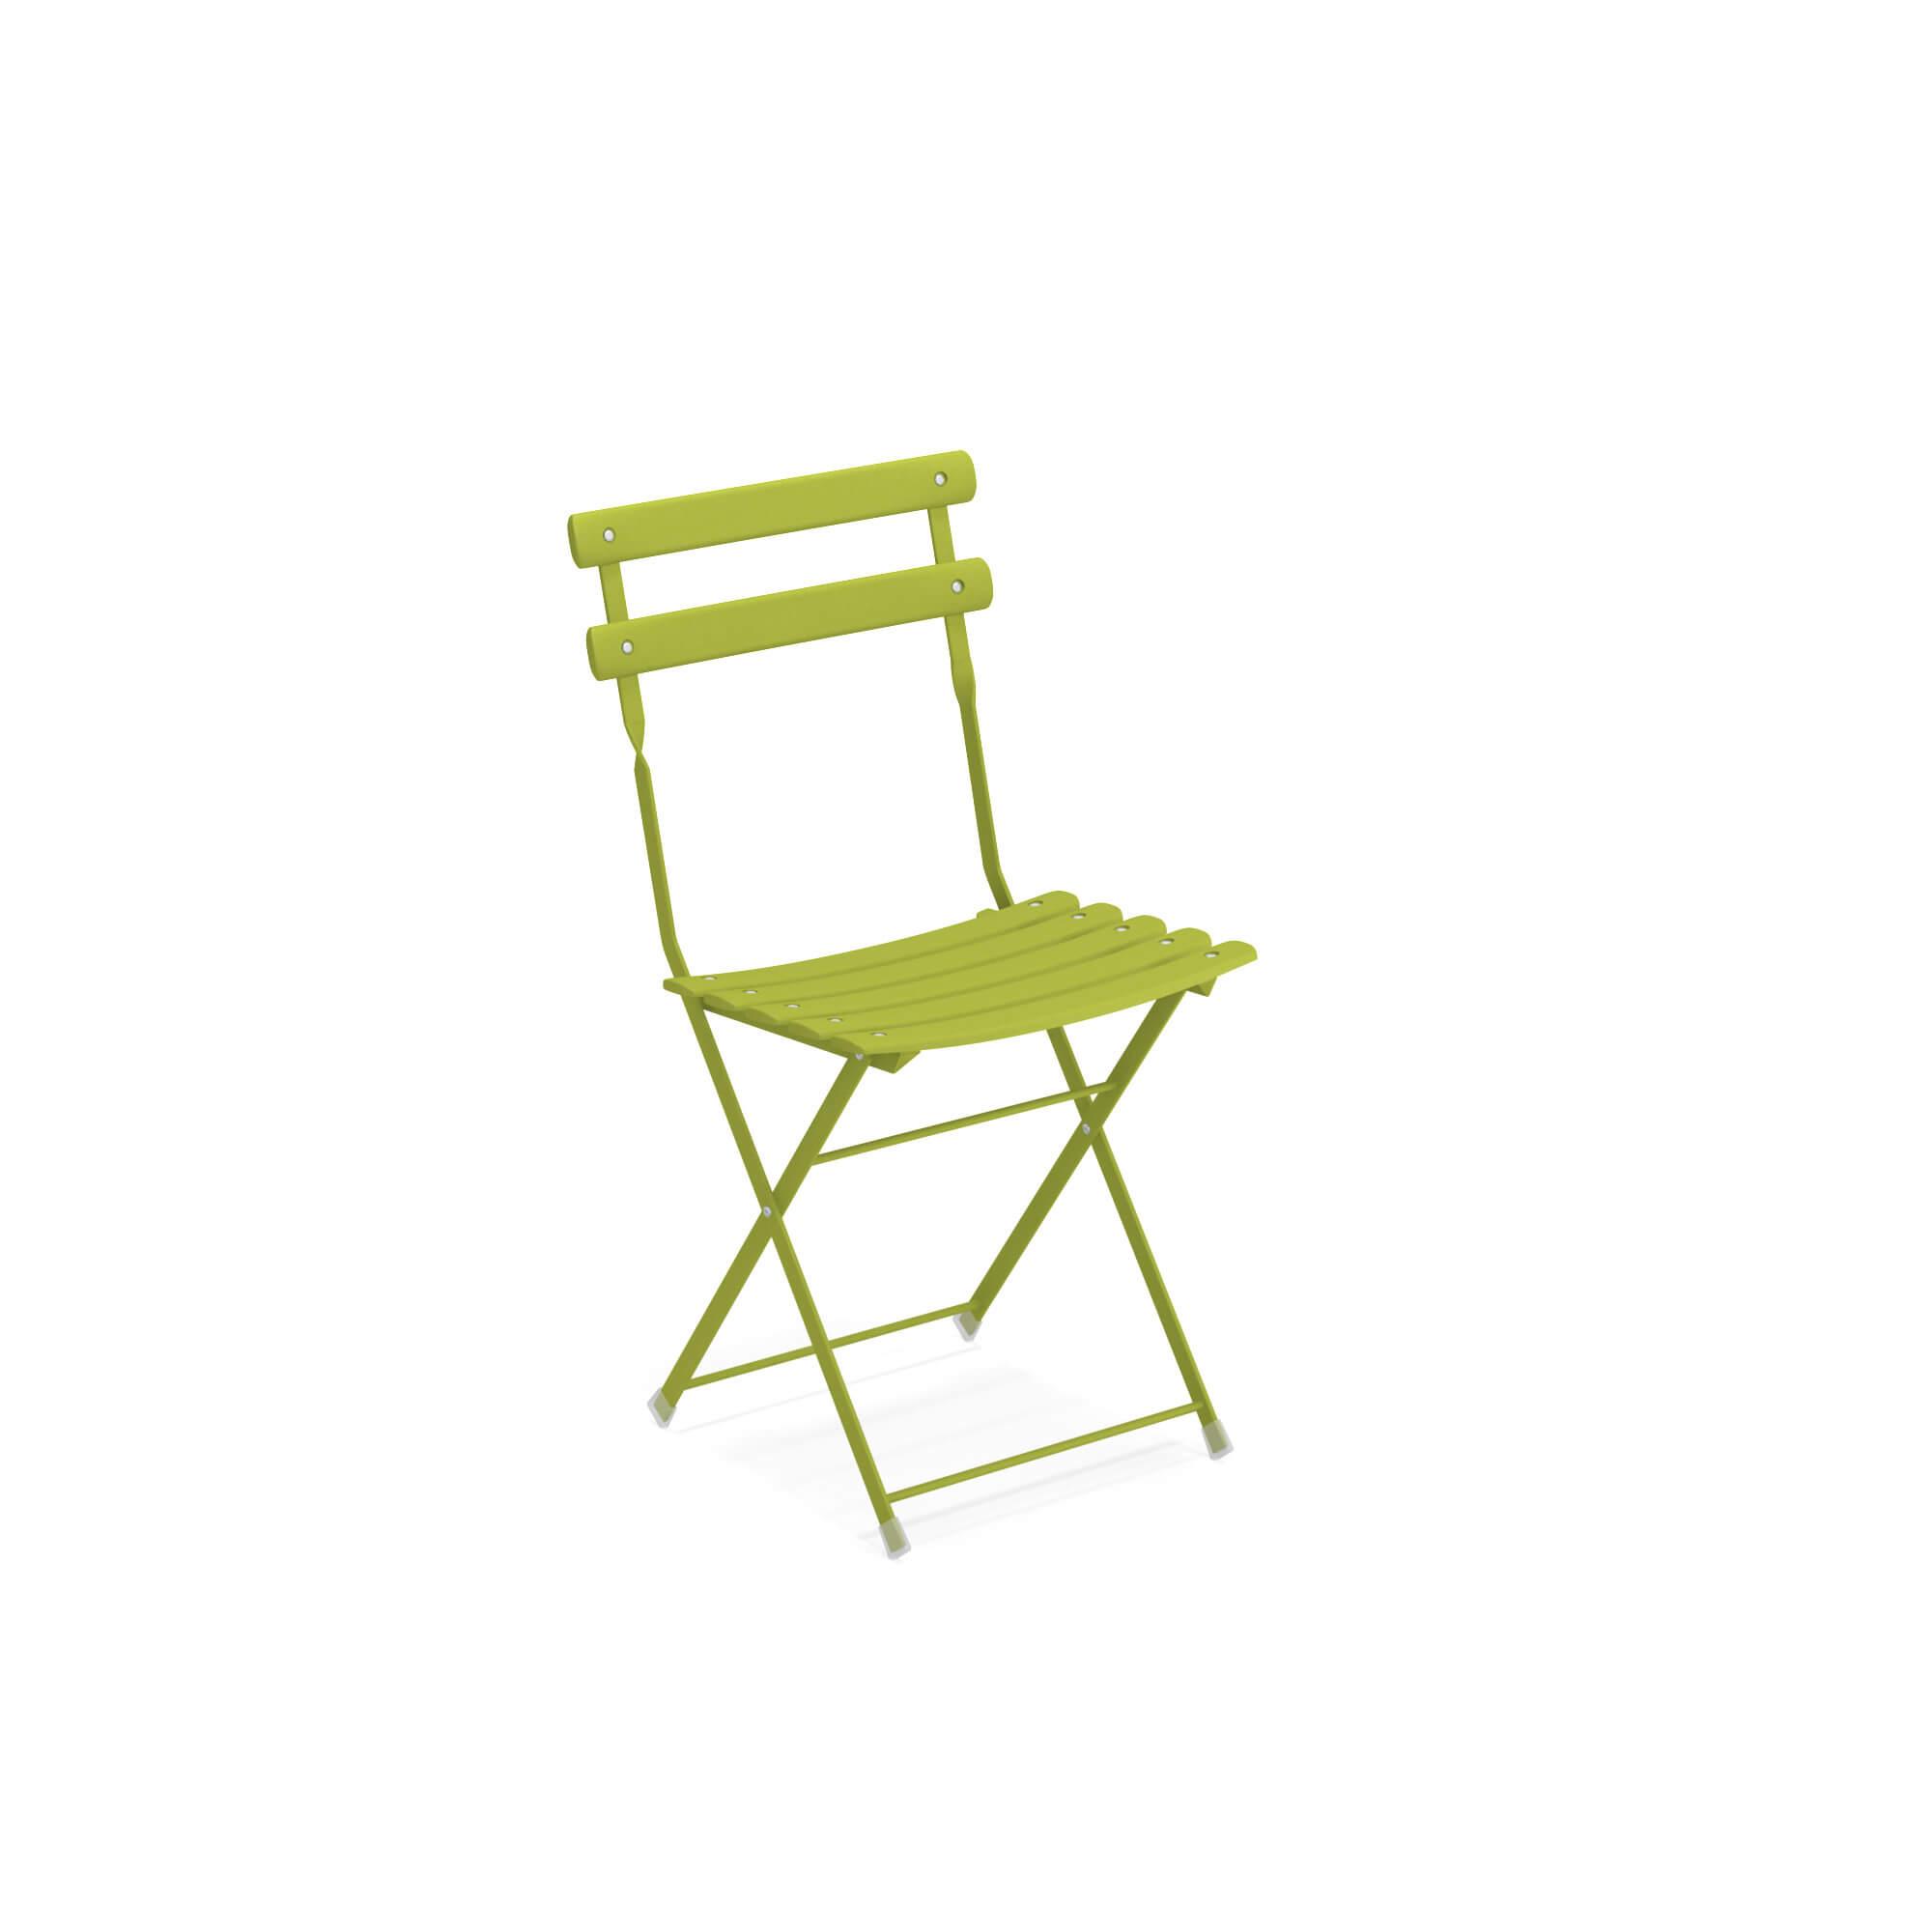 Sedie Plastica Pieghevoli Da Giardino.Sedia Pieghevole Da Giardino Esterno In Acciaio Collezione Arc